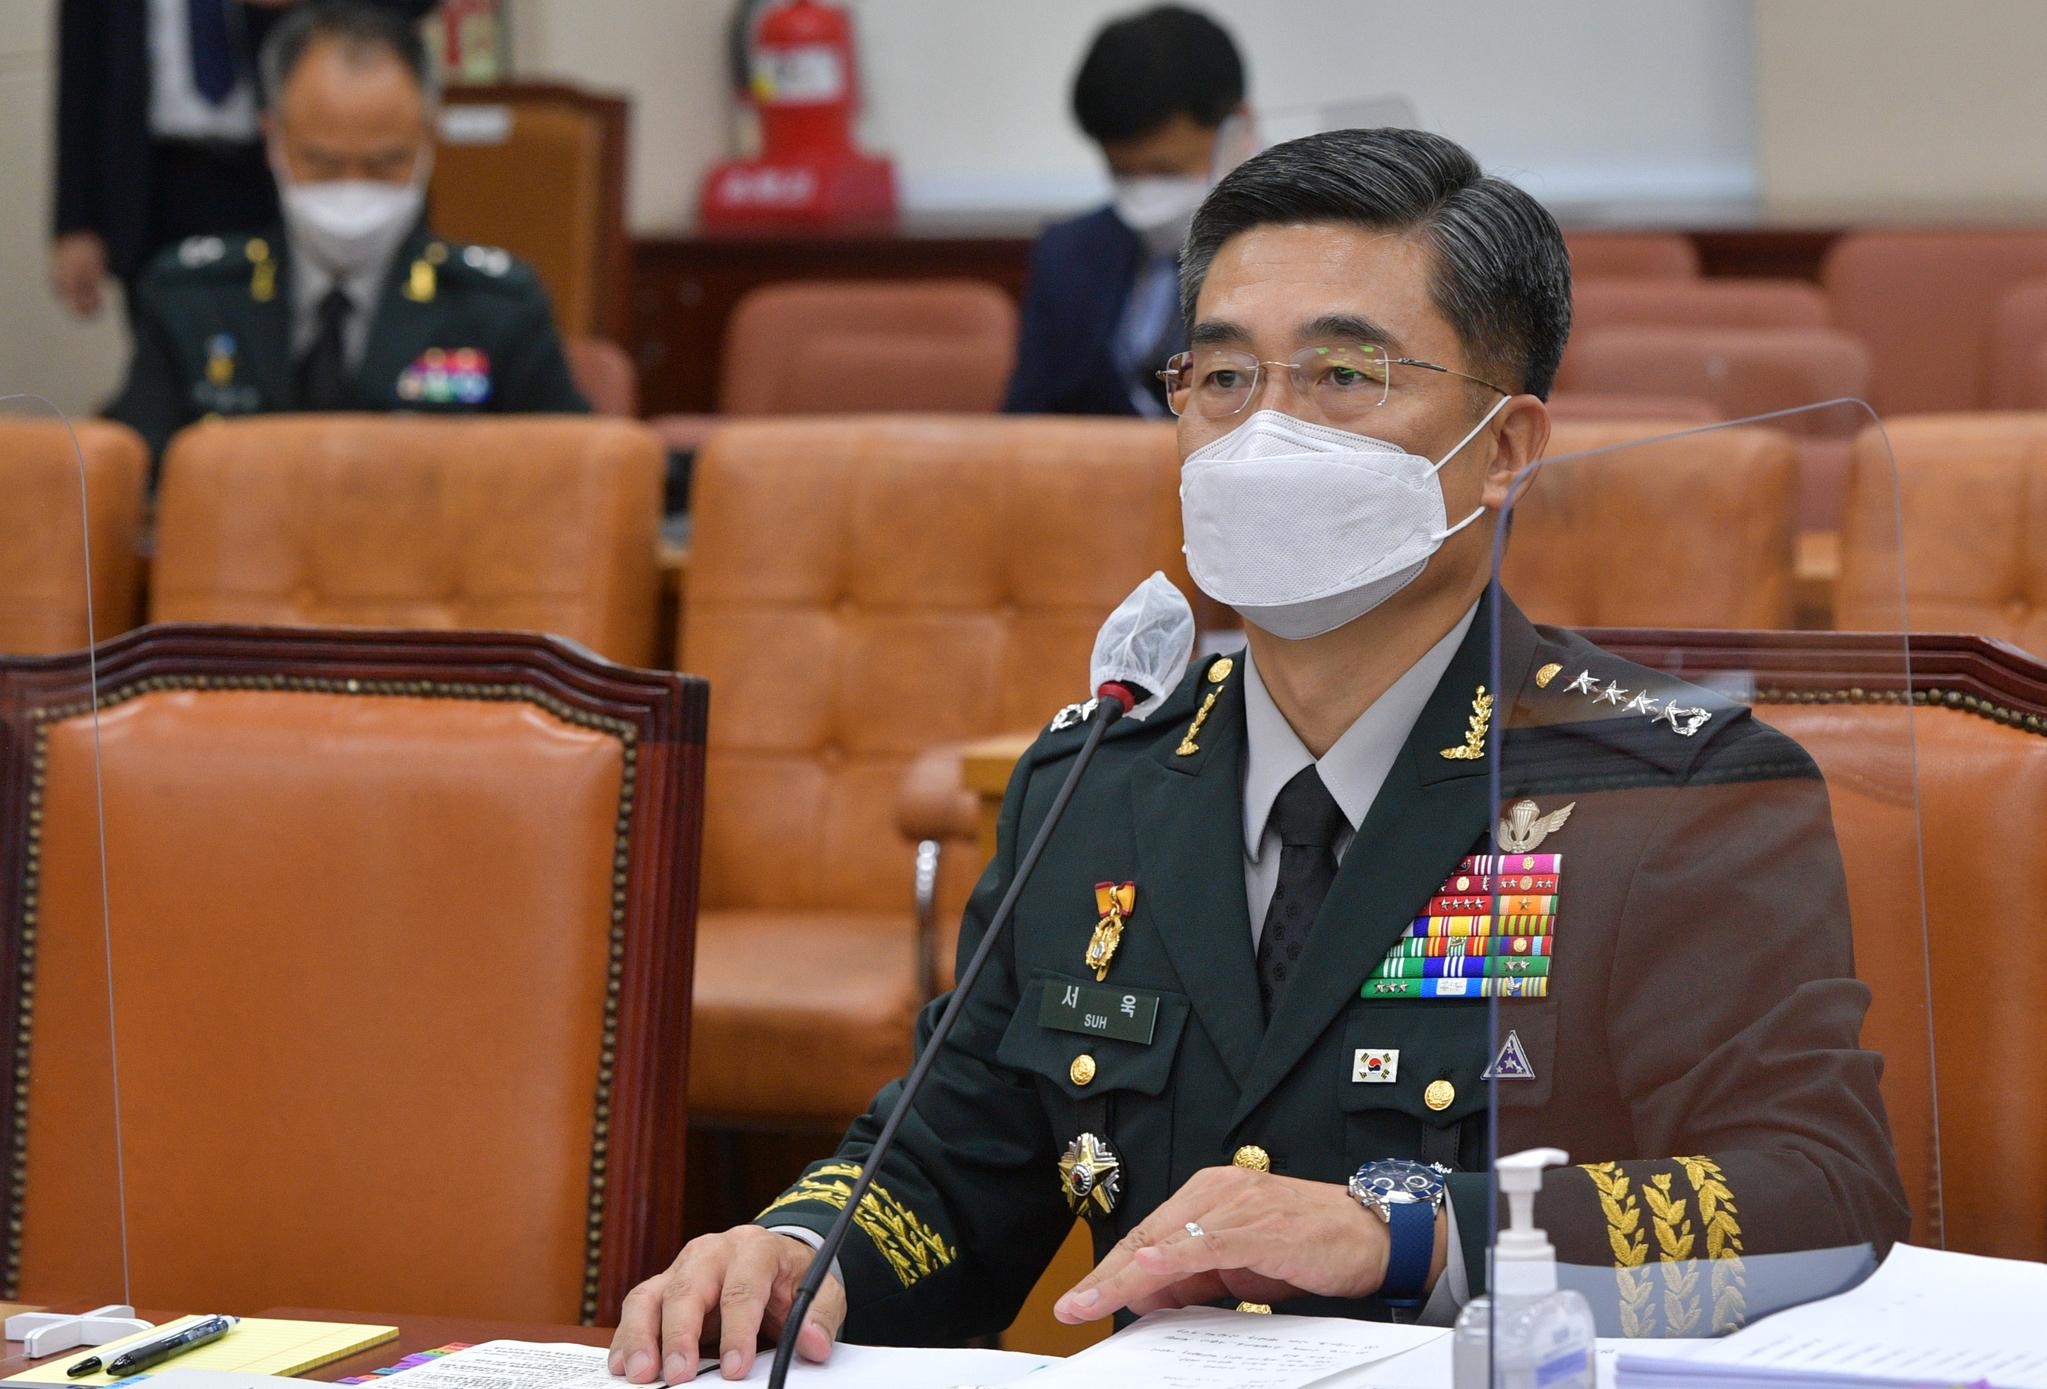 서욱 국방장관 후보자가 16일 서울 여의도 국회에서 열린 인사청문회에서 의원들의 질의에 답변하고 있다. 뉴스1